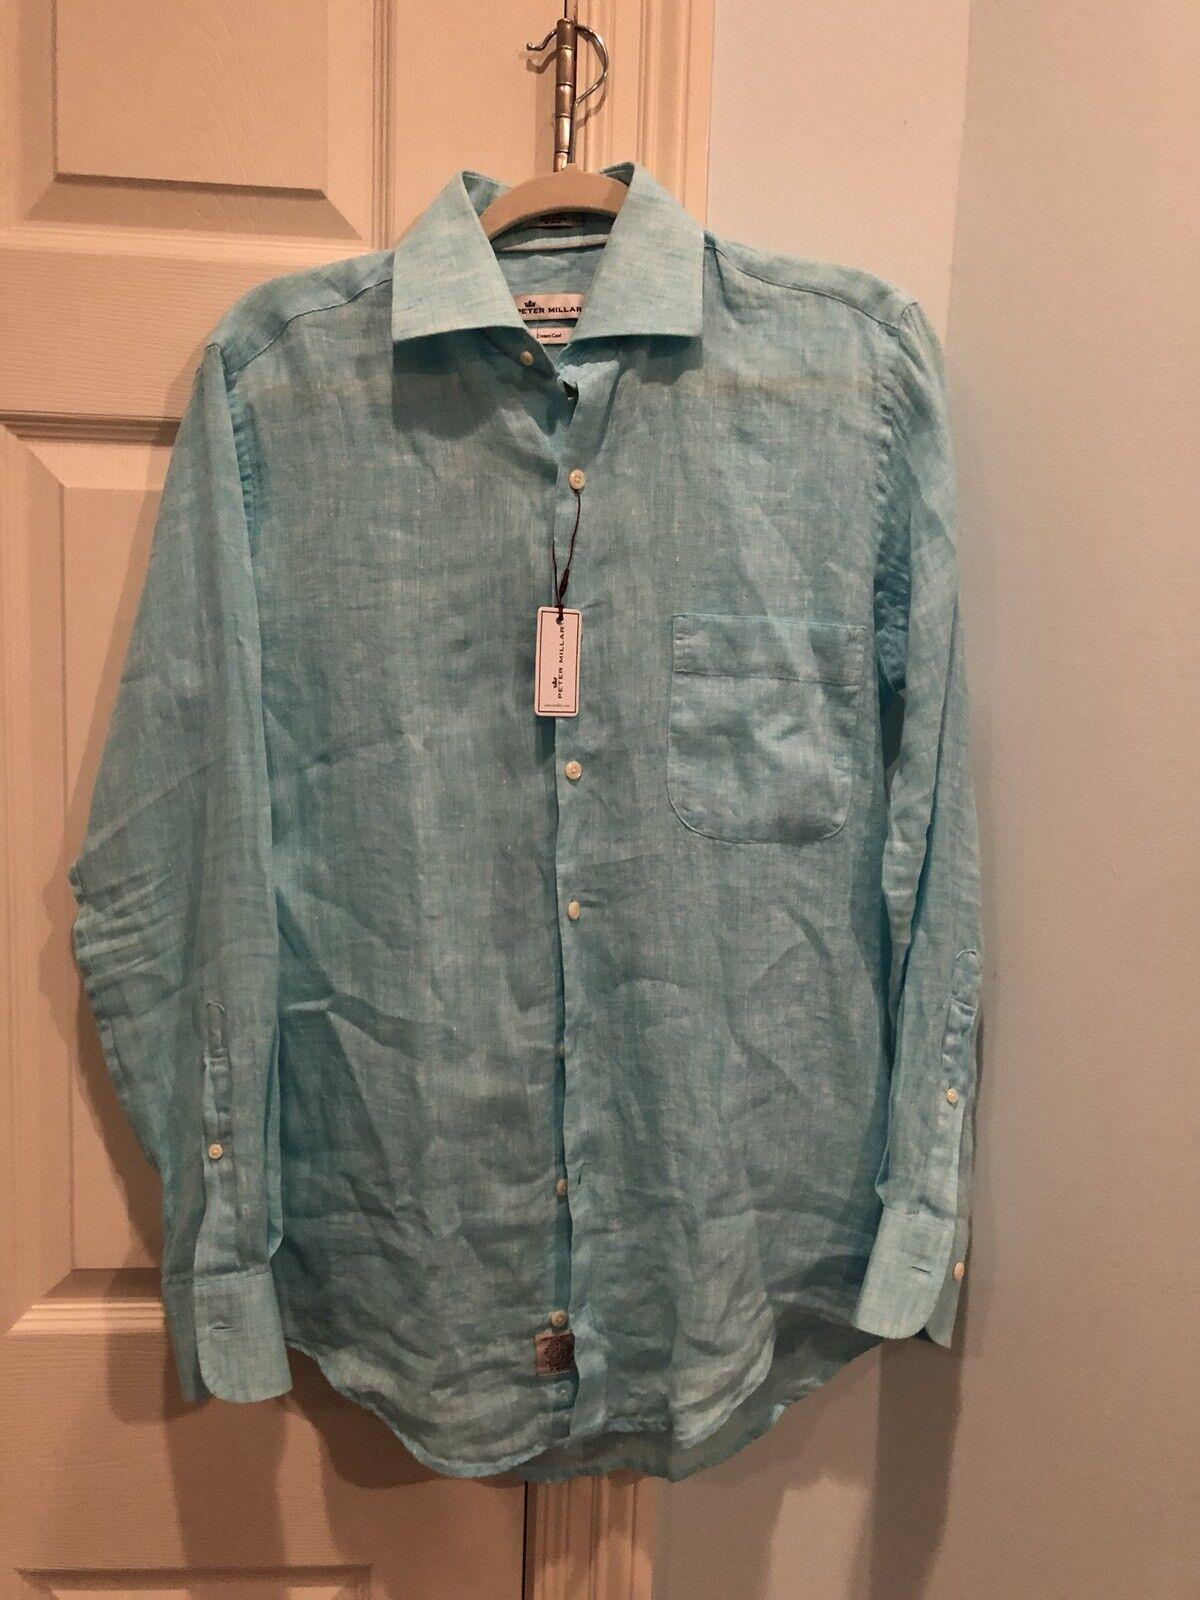 NWT Peter Millar Crown Cool 100% Linen Long Sleeve Shirt  bluee Mist Mens S